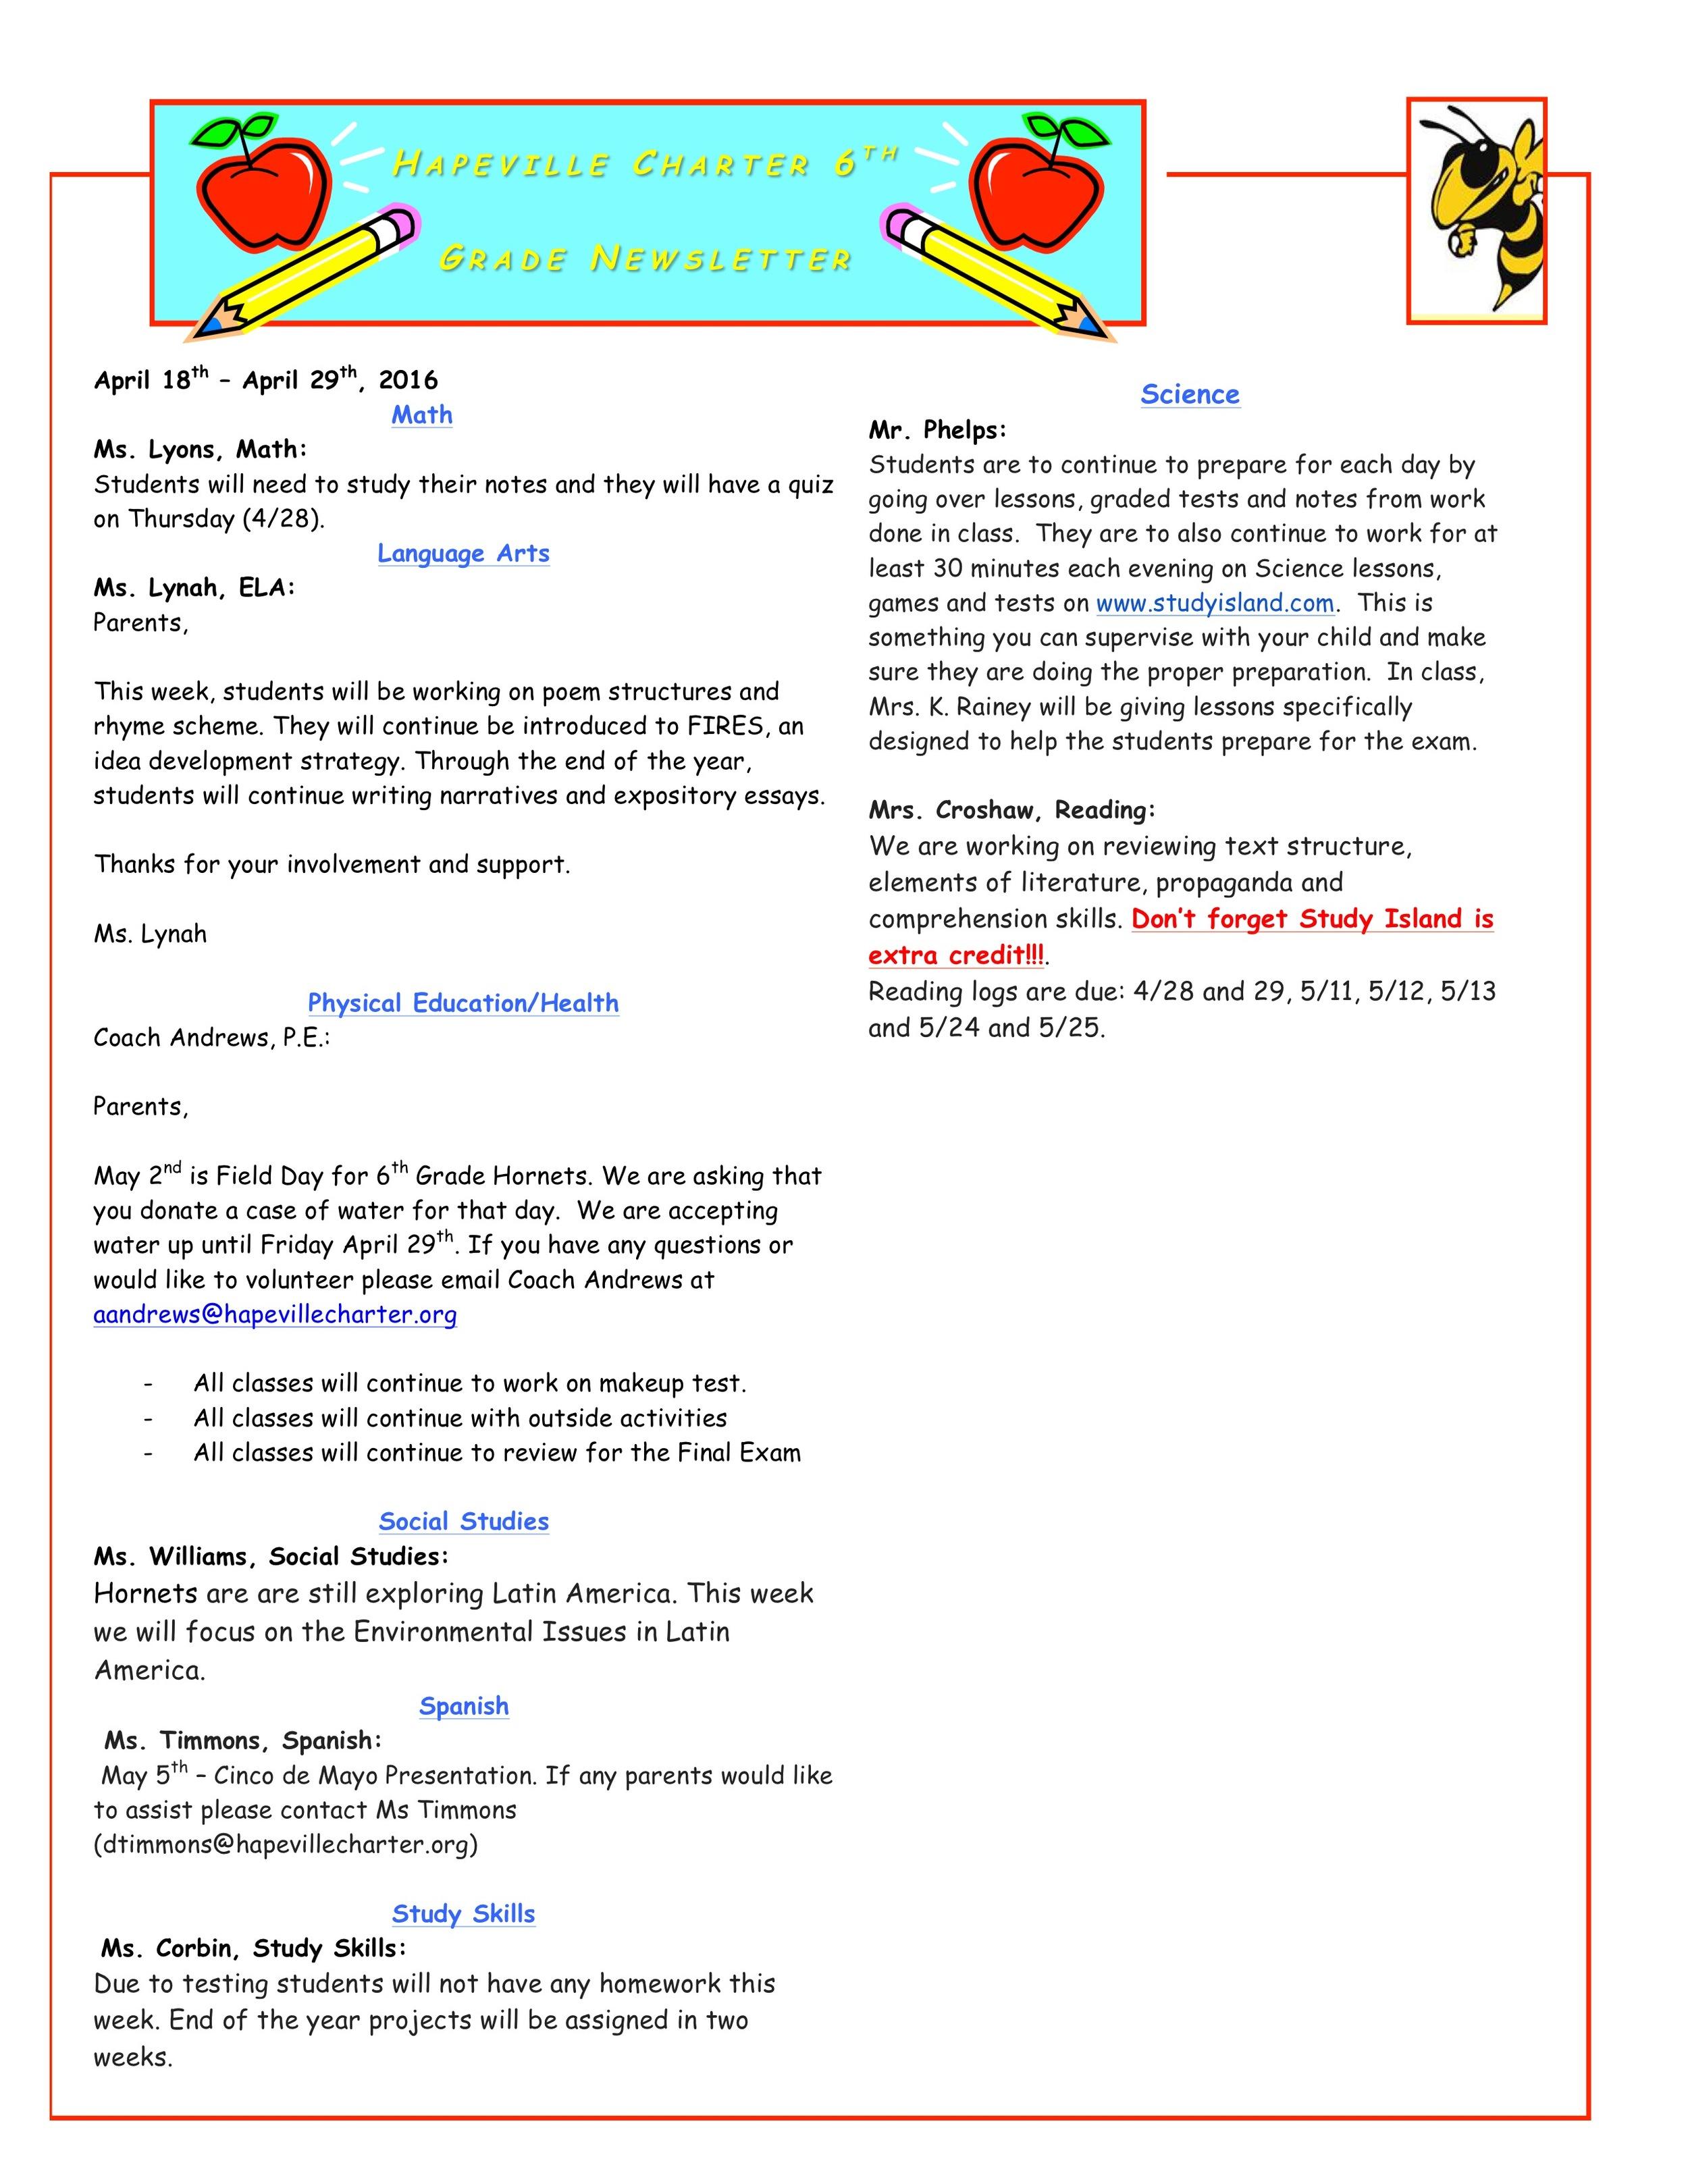 Newsletter Image6th Grade Newsletter 4-25.jpeg